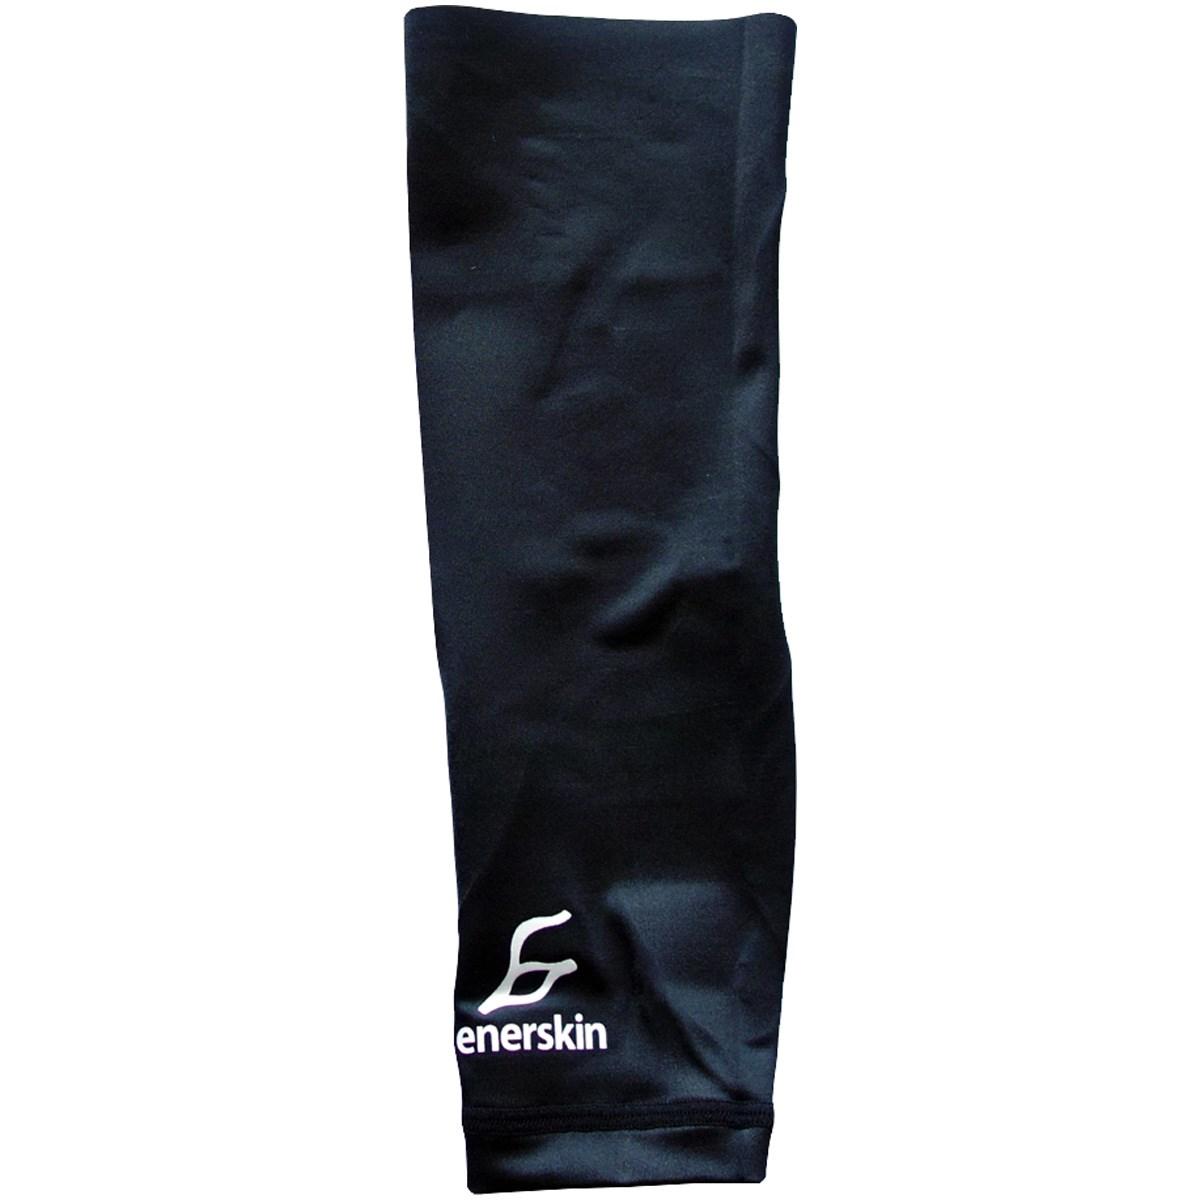 [アウトレット] [在庫限りのお買い得商品] エナスキン E50 一般の方向け エルボースリーブ(ひじ) シングル 左用 ブラック ゴルフ